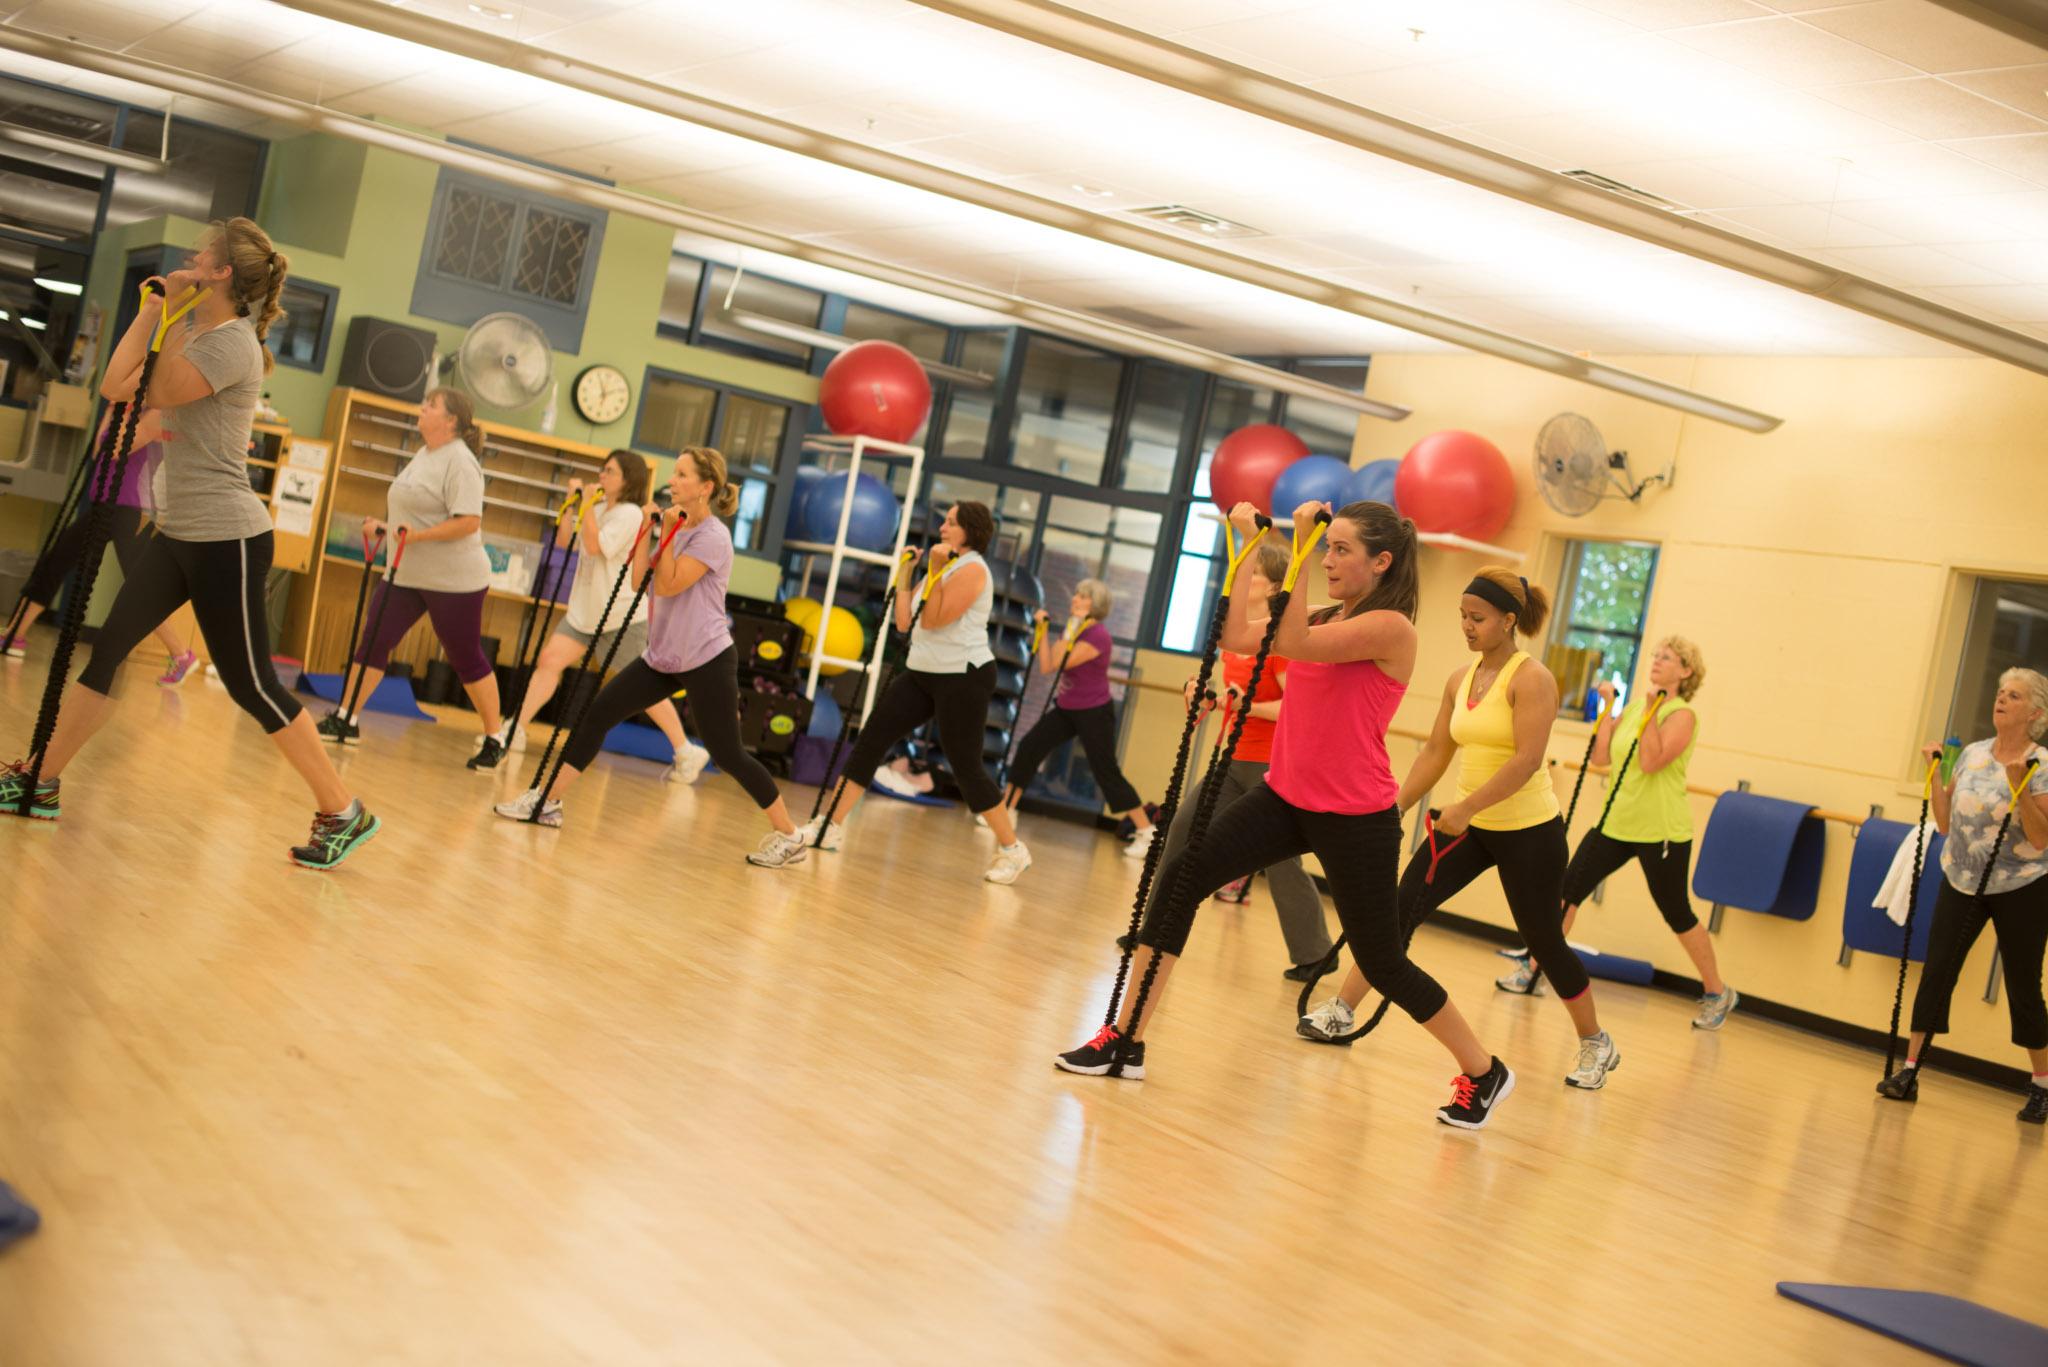 Wellness Center Stock Photos-1042.jpg